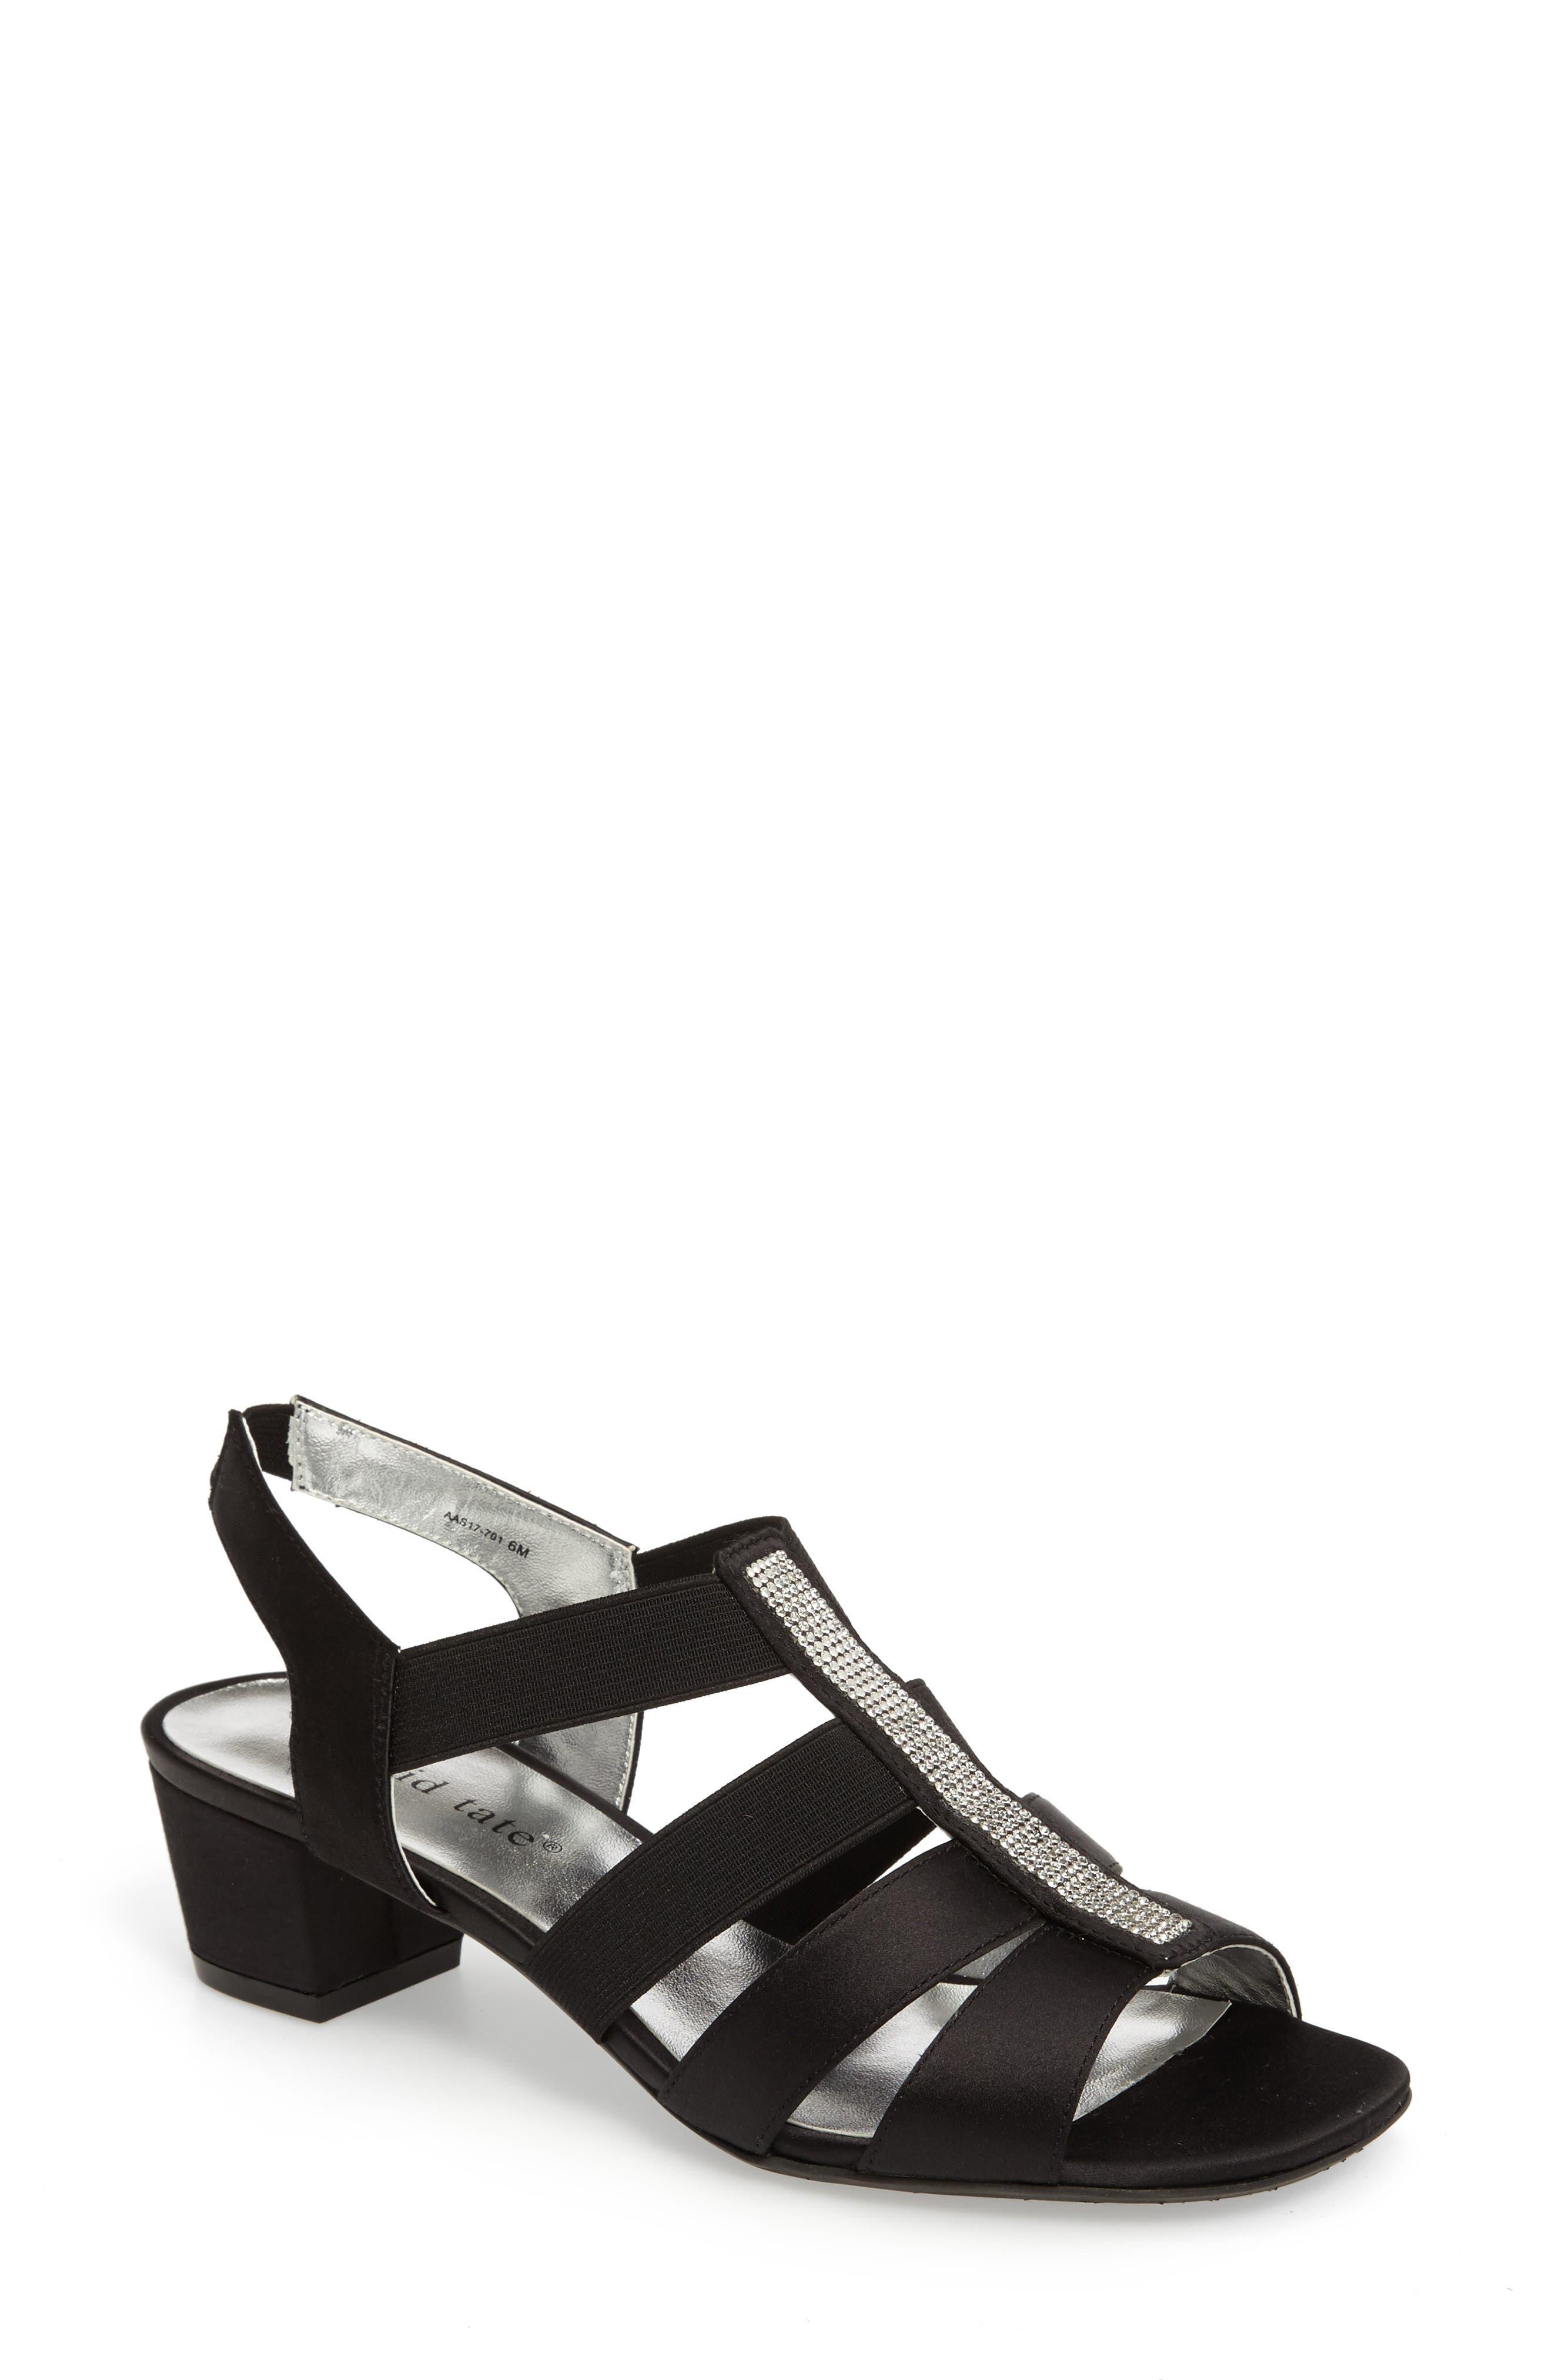 DAVID TATE, Eve Embellished Sandal, Main thumbnail 1, color, BLACK FABRIC